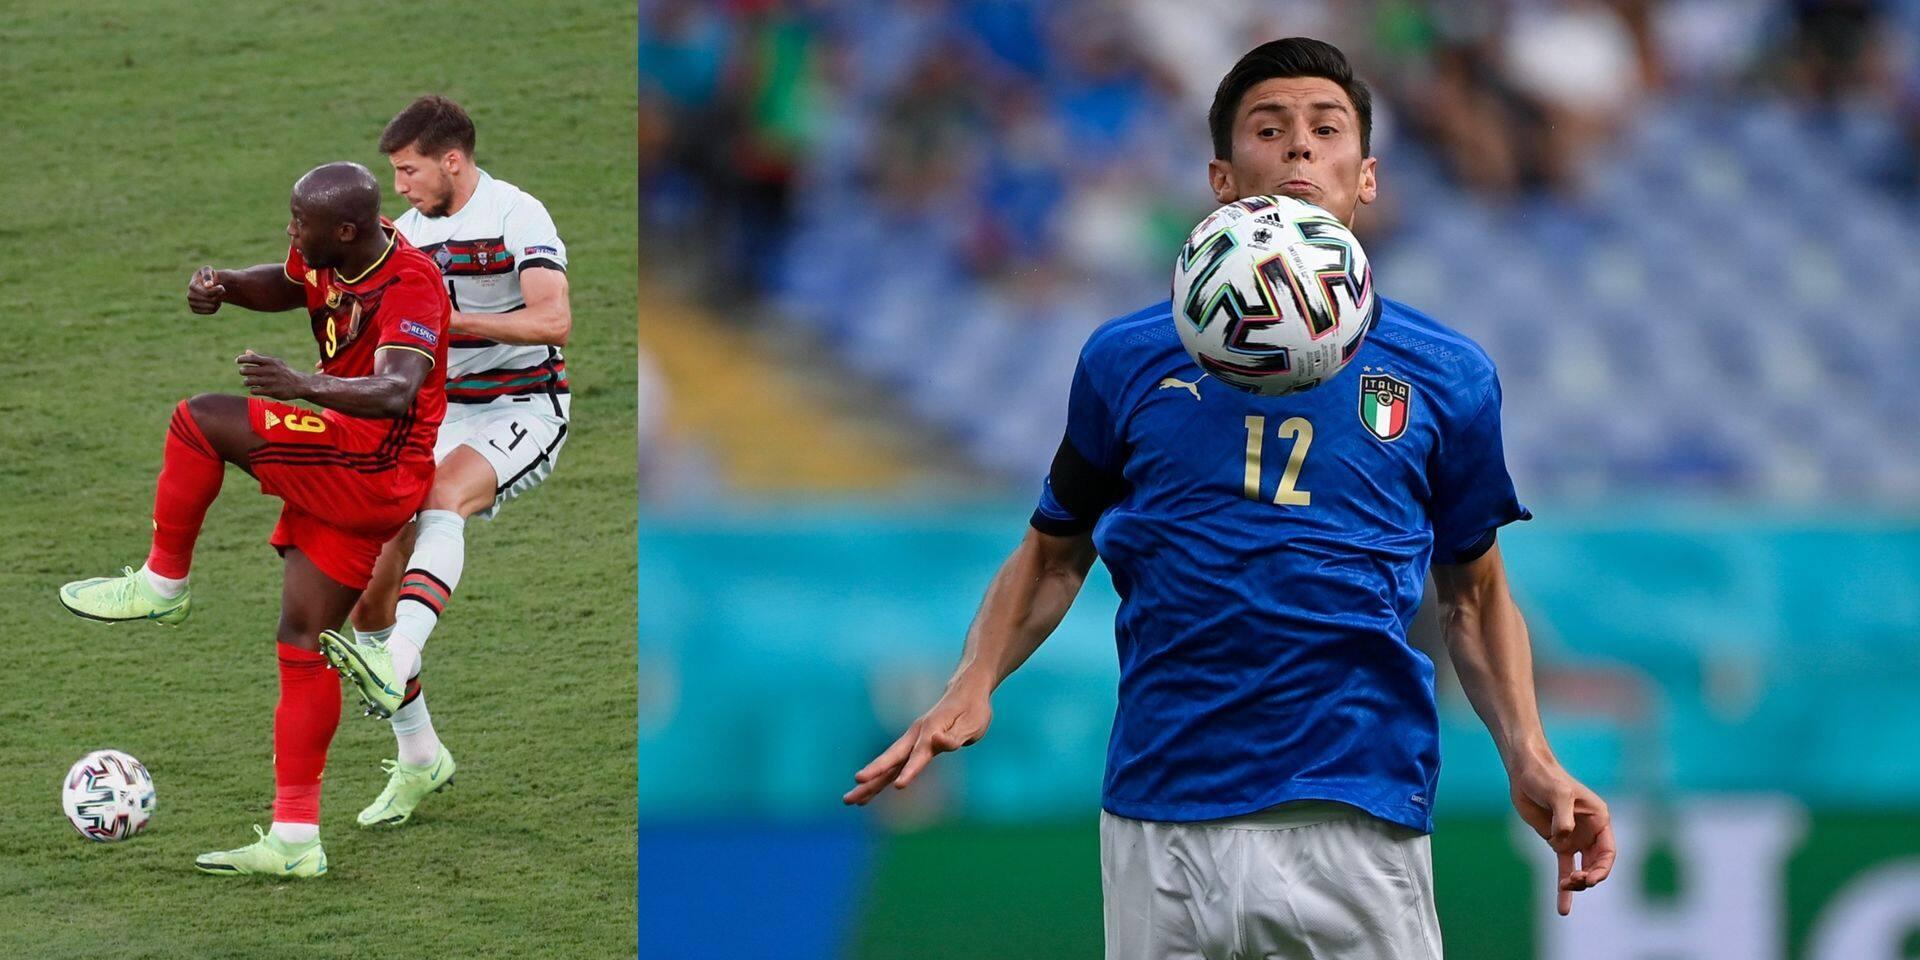 """Matteo Pessina mise sur l'expérience pour contrer Lukaku: """"Beaucoup d'entre nous le connaissent et j'espère que cela pourra nous aider"""""""